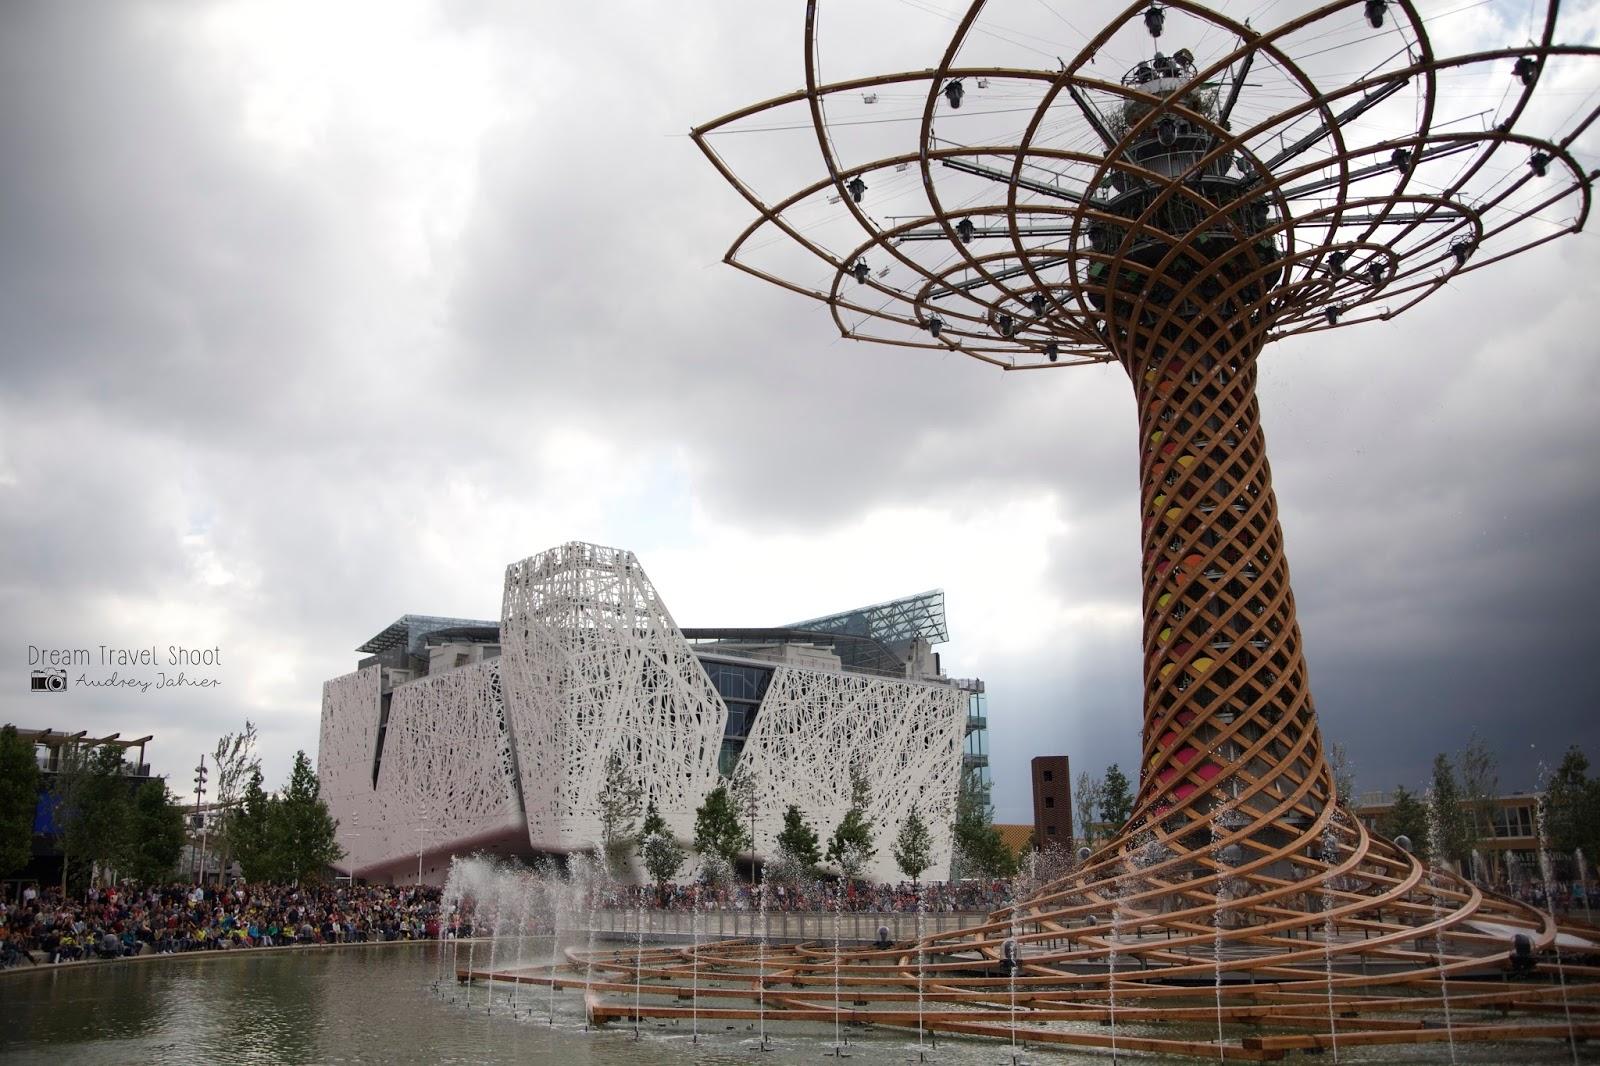 Expo Milan Les Stands : Deux jours à l expo universelle de milan dream travel